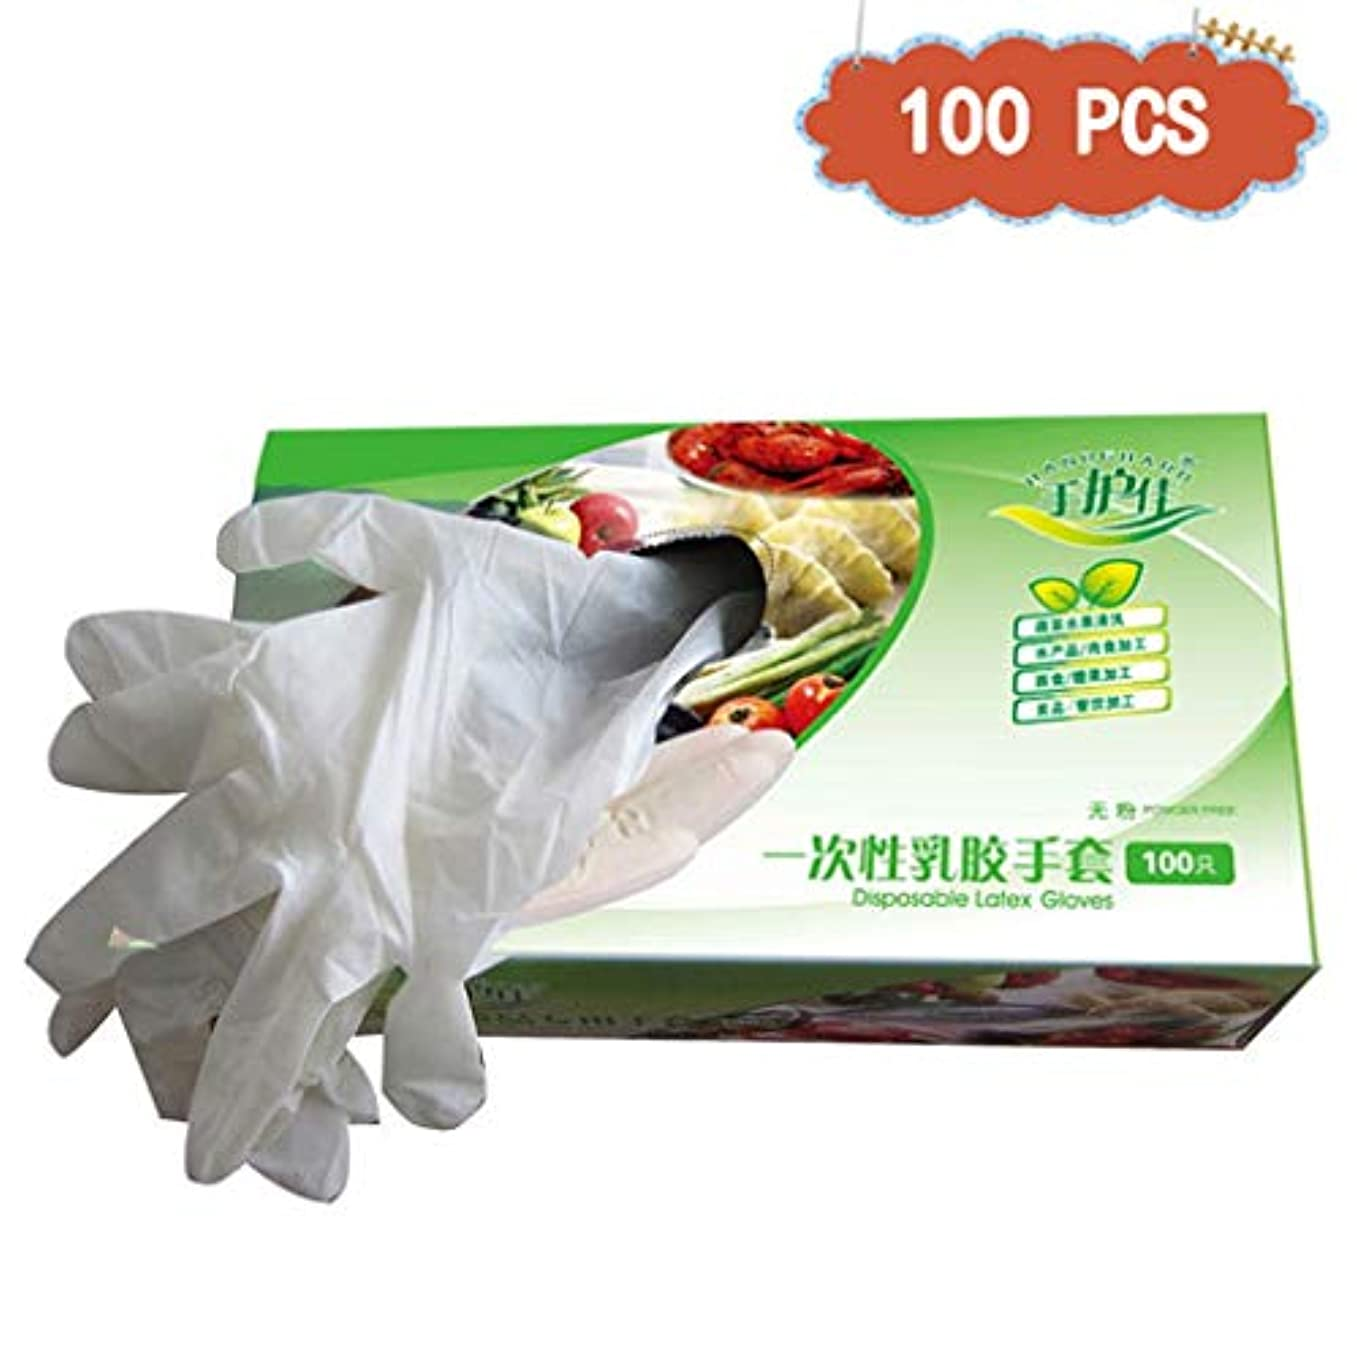 自治的茎起こるビニール試験使い捨て手袋ラテックスゴムキッチン調理高弾性ネイルアート検査保護実験、美容ラテックス、パウダーフリー、両手利き、100個 (Size : S)